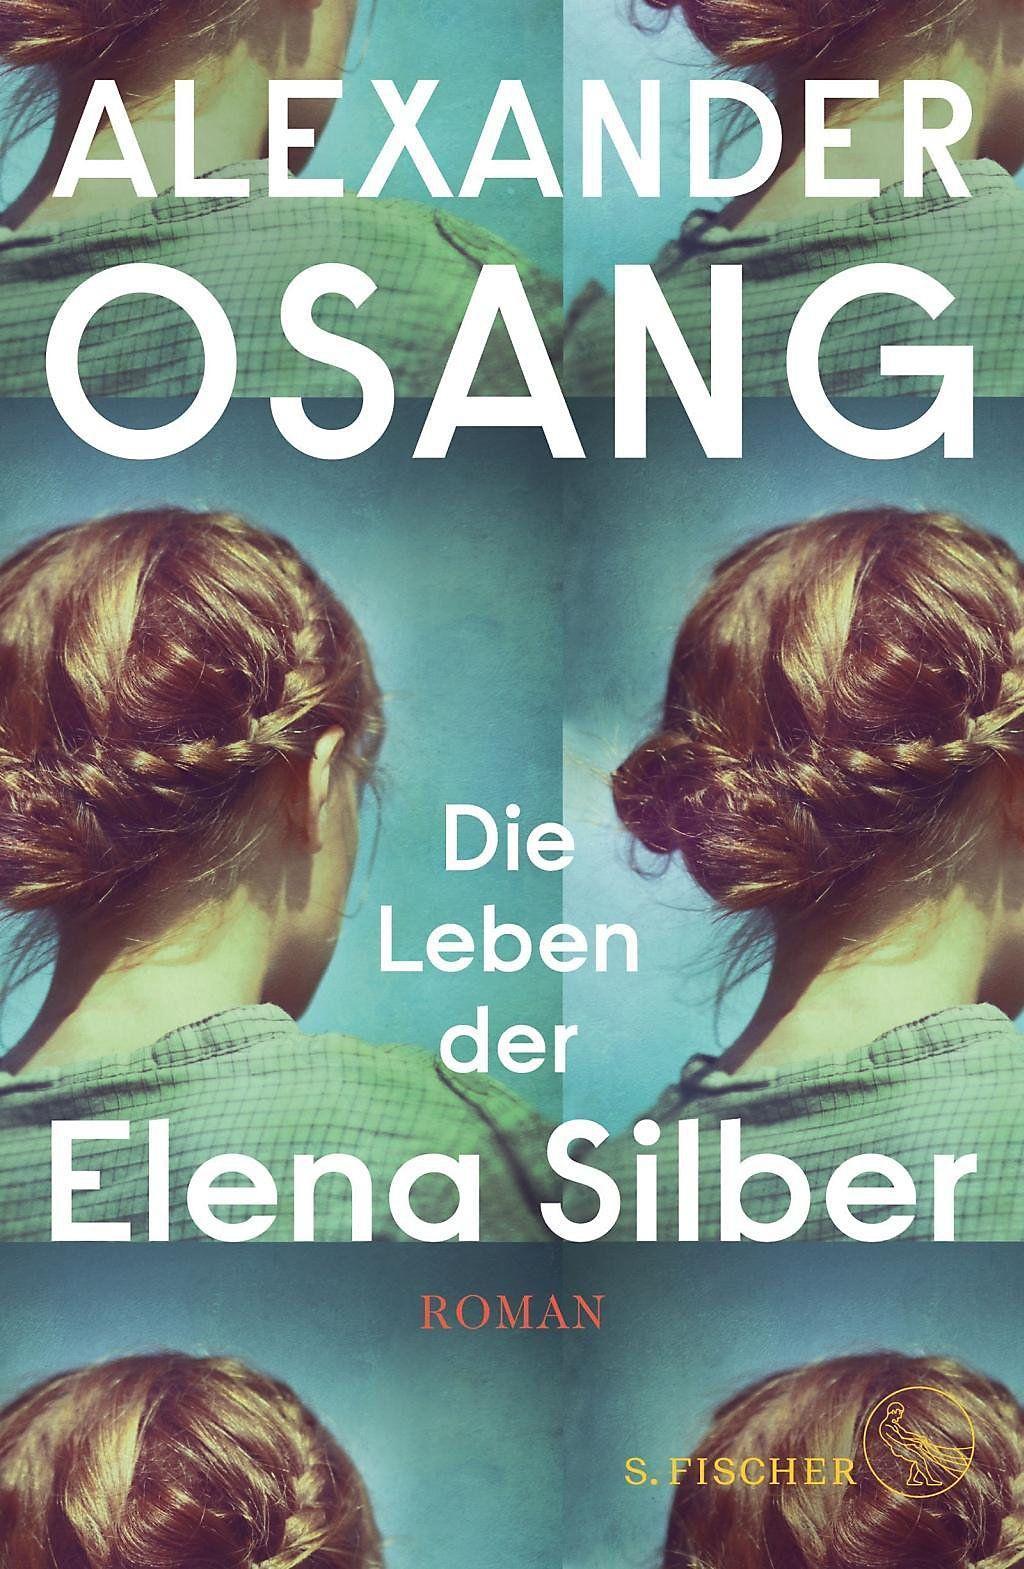 Die Leben der Elena Silber. Alexander Osang,. Gebunden